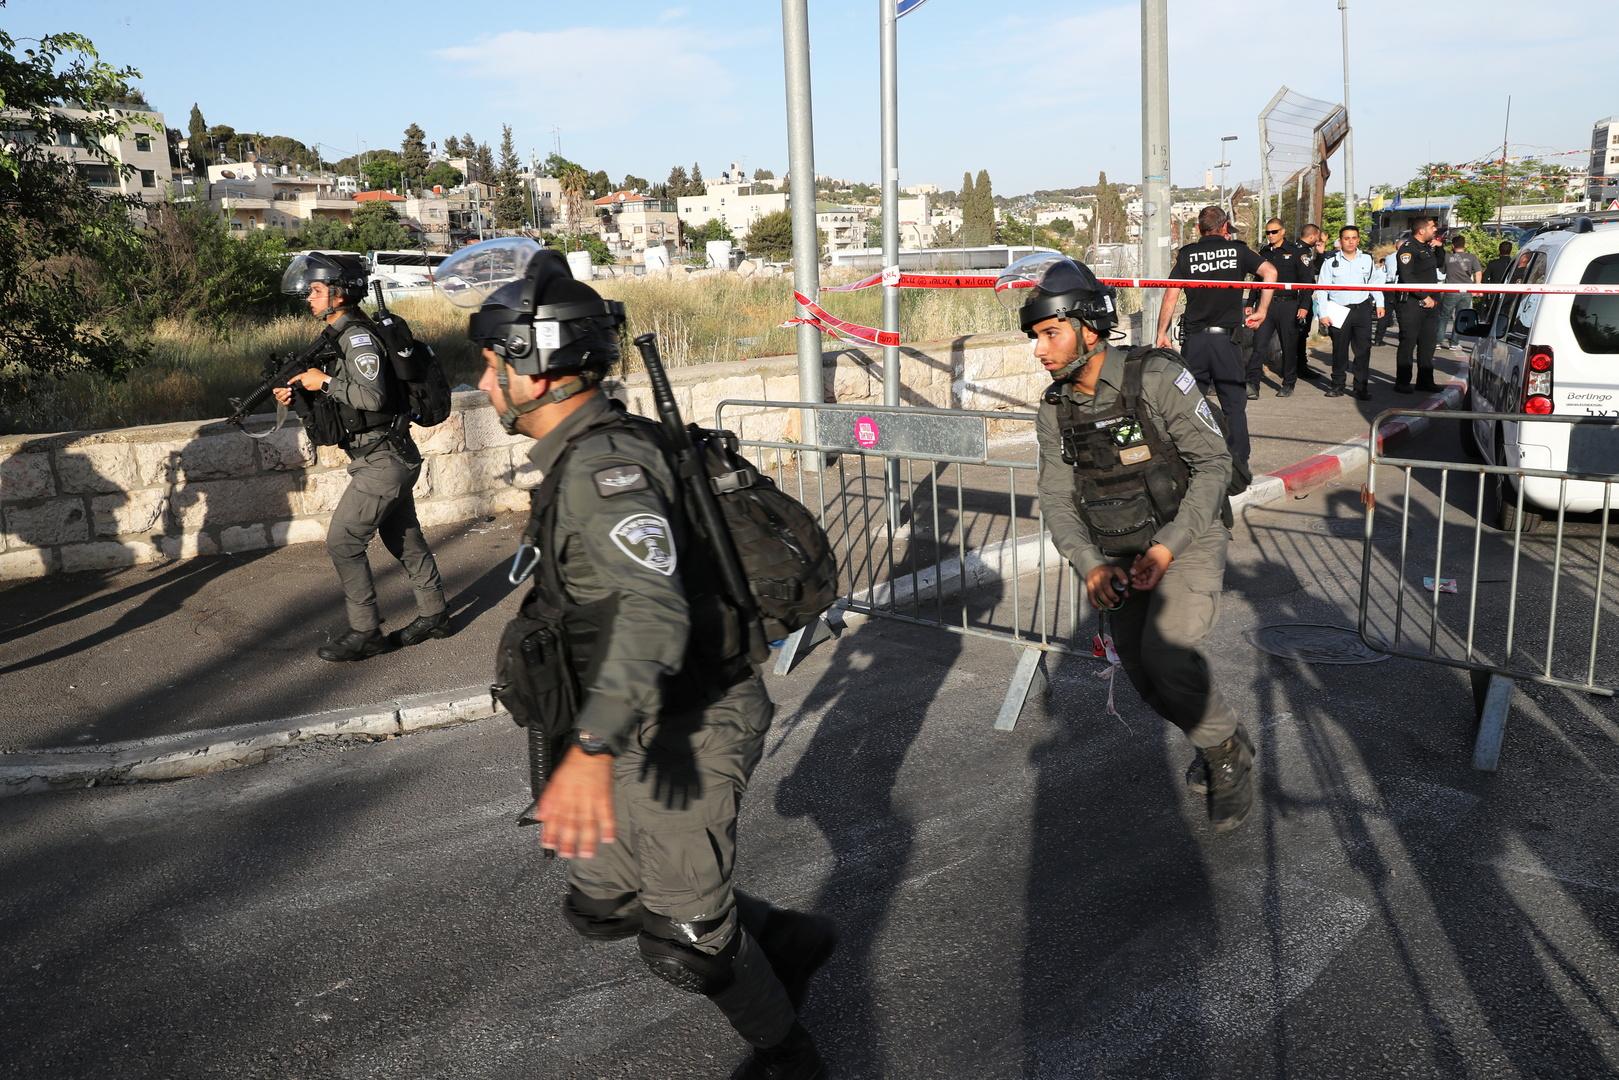 امرأة تهدد بتفجير نفسها داخل مصرف في إسرائيل